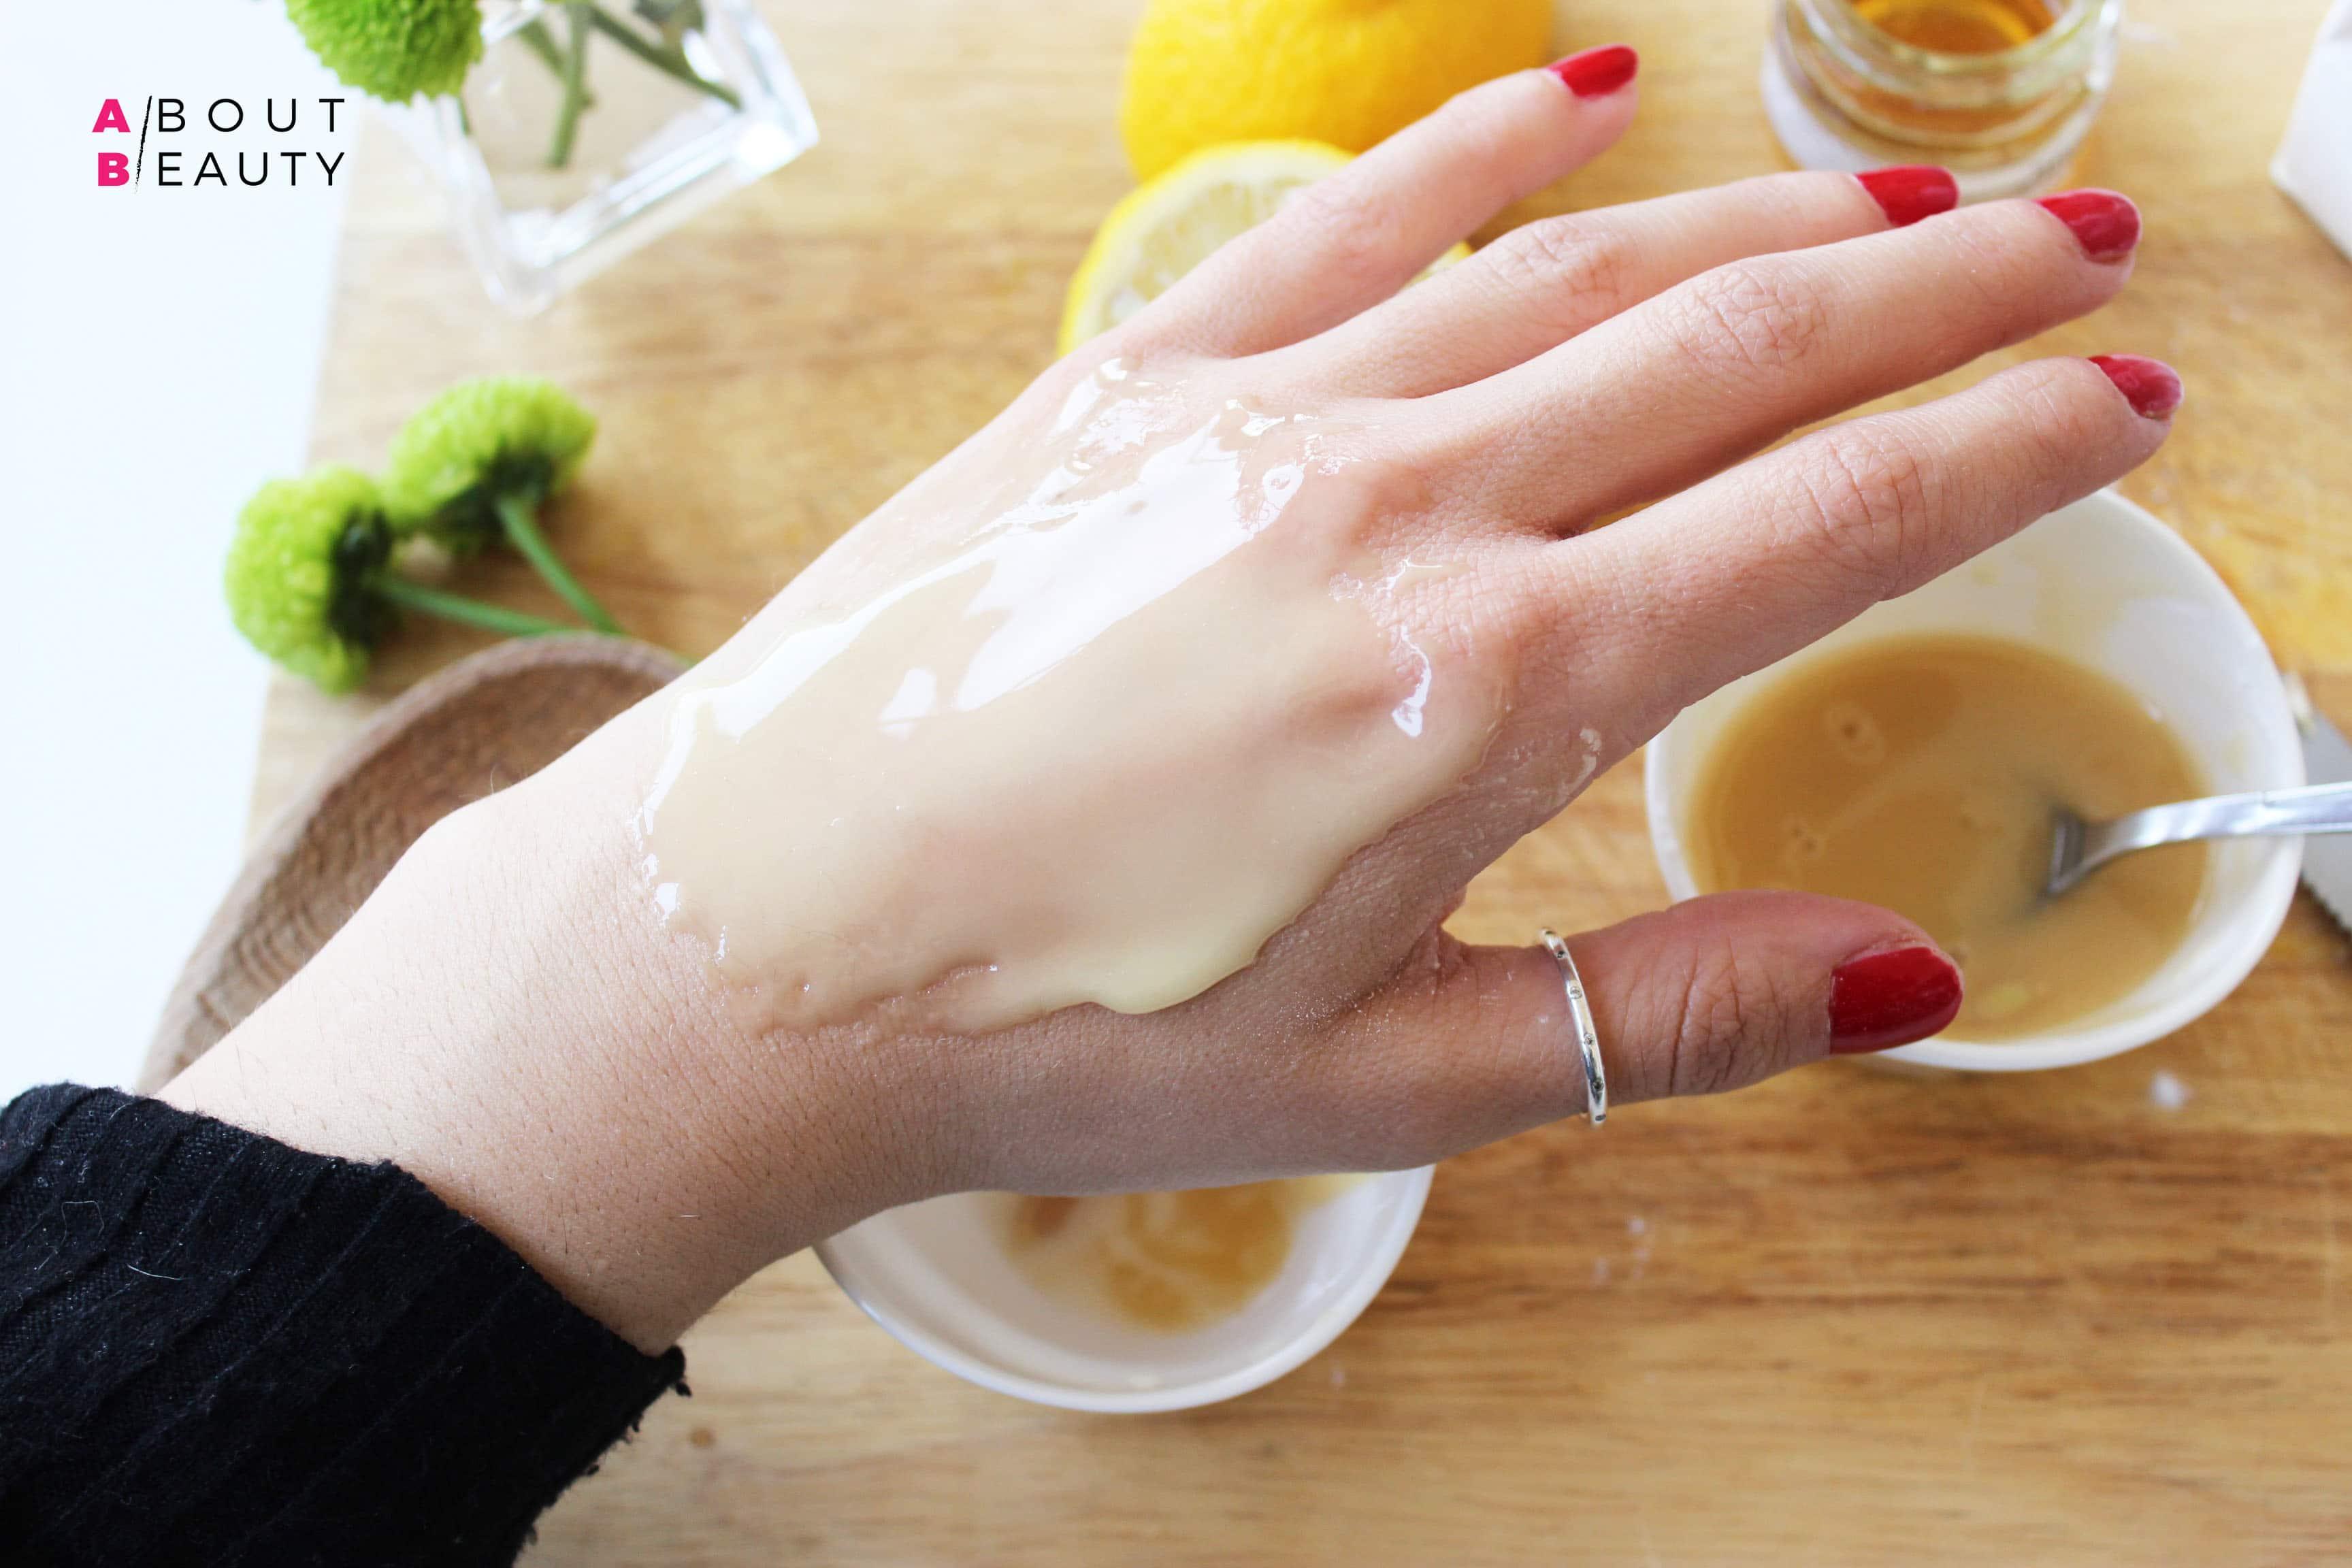 Le ricette di bellezza di About Beauty - Maschera Levigante al miele - Applicazione